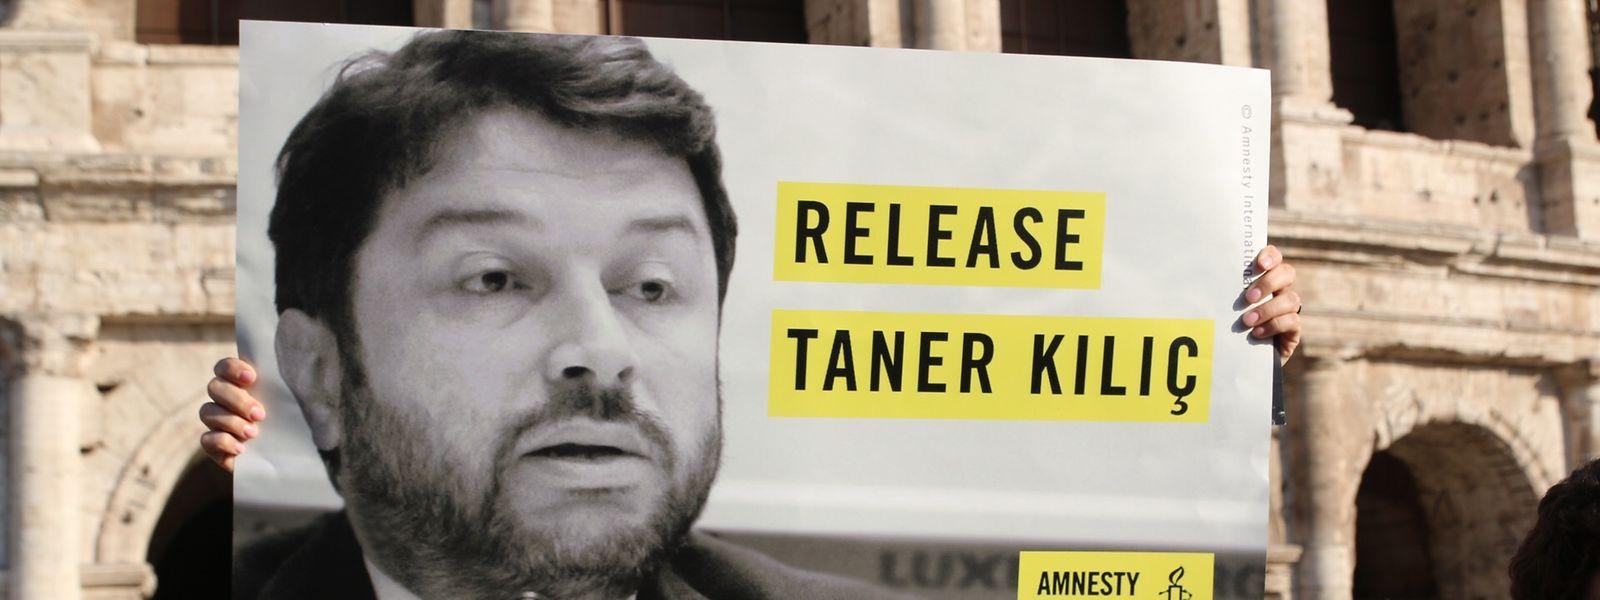 Taner Kılıç, Ehrenvorstitzender von Amnesty International Türkei, wurde zu mehr als sechs Jahren Haft verurteil.